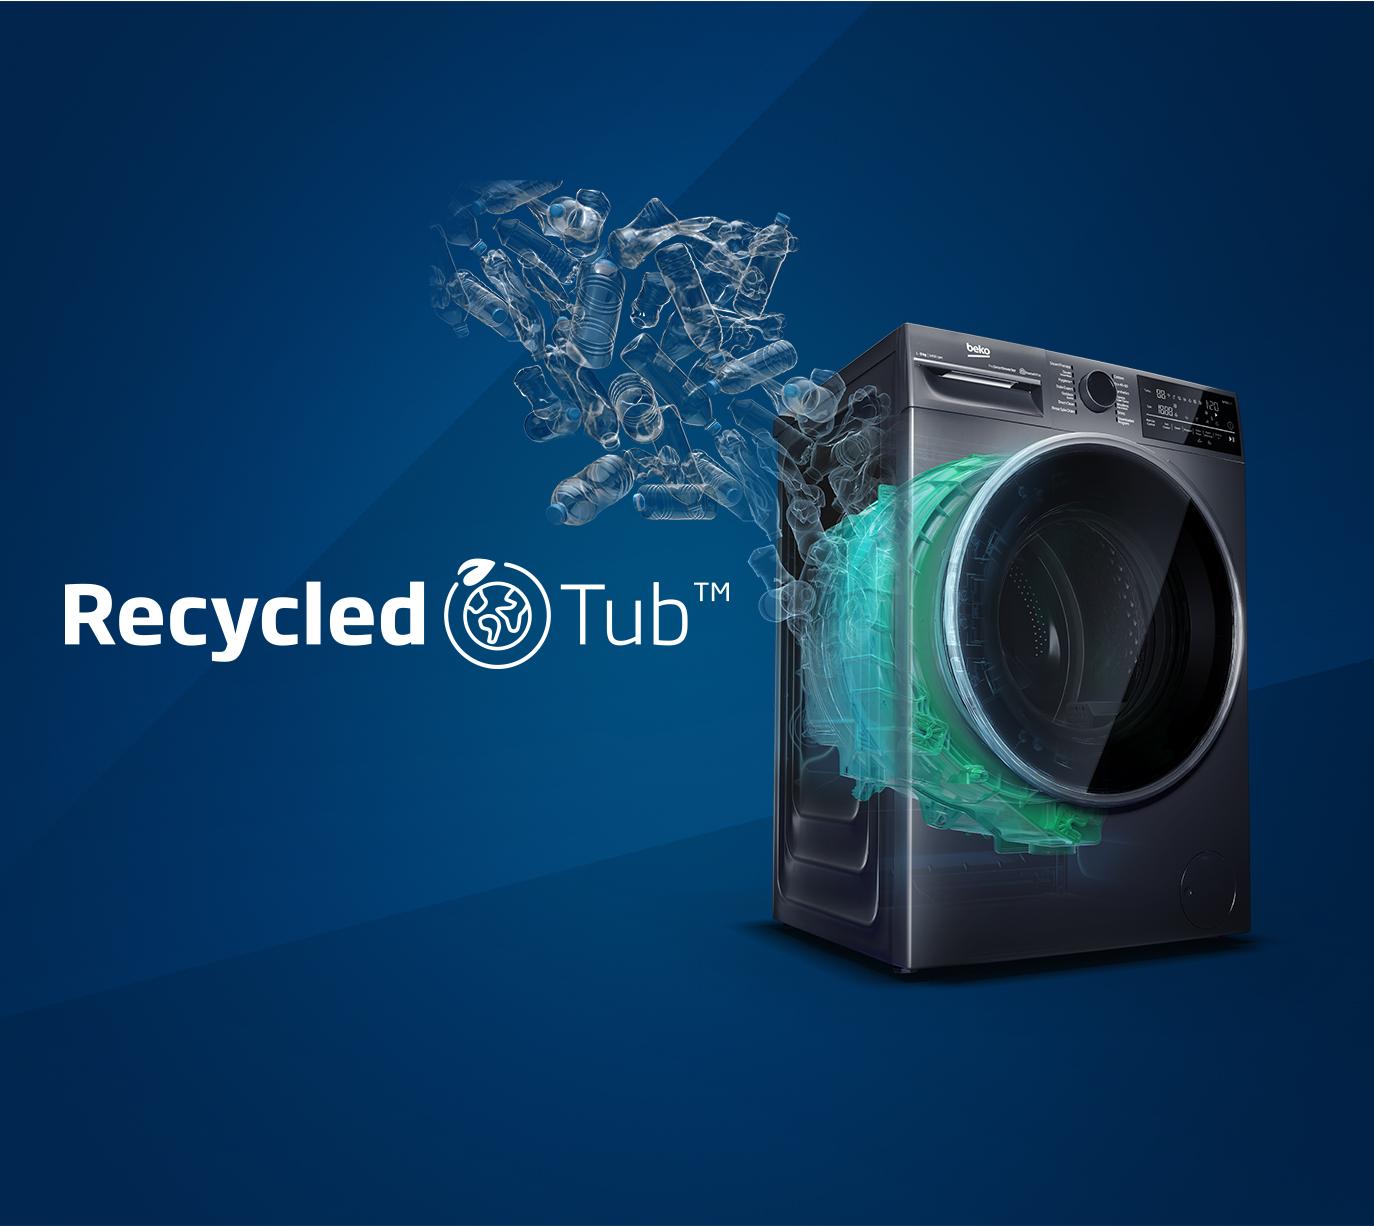 RecycledTub™ Washing Machines